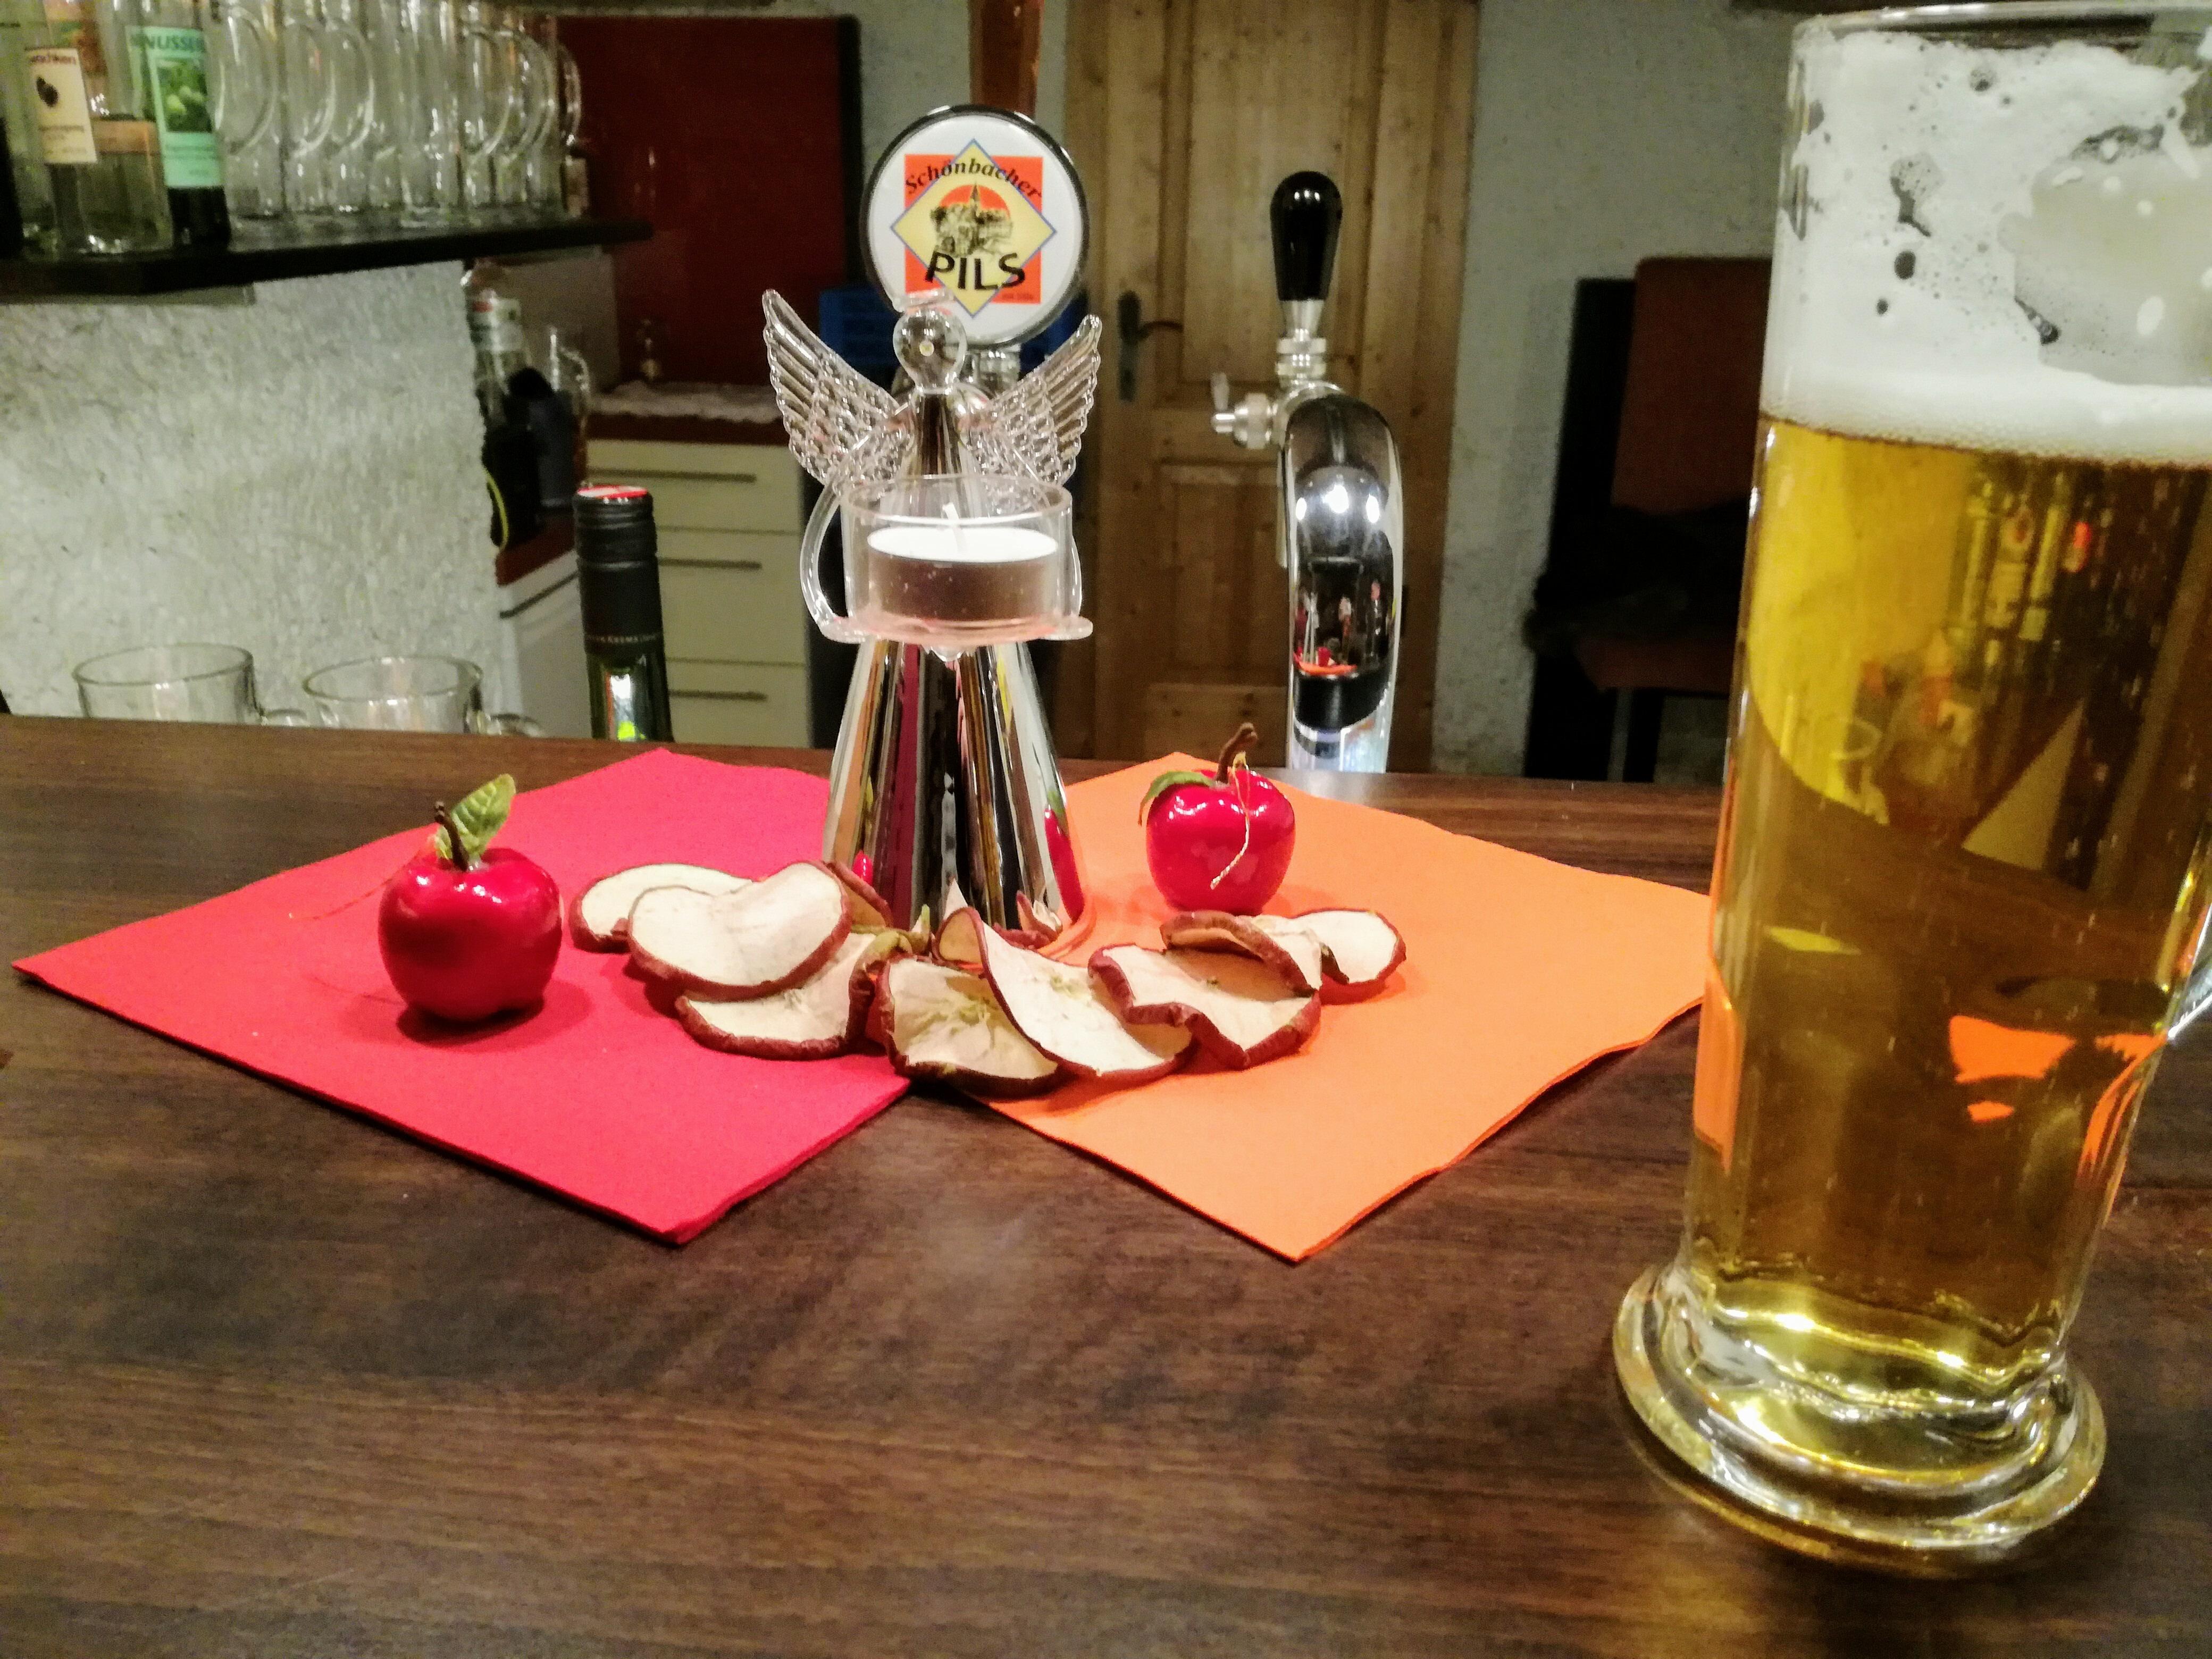 Schönbacher Pils im Biergwölb